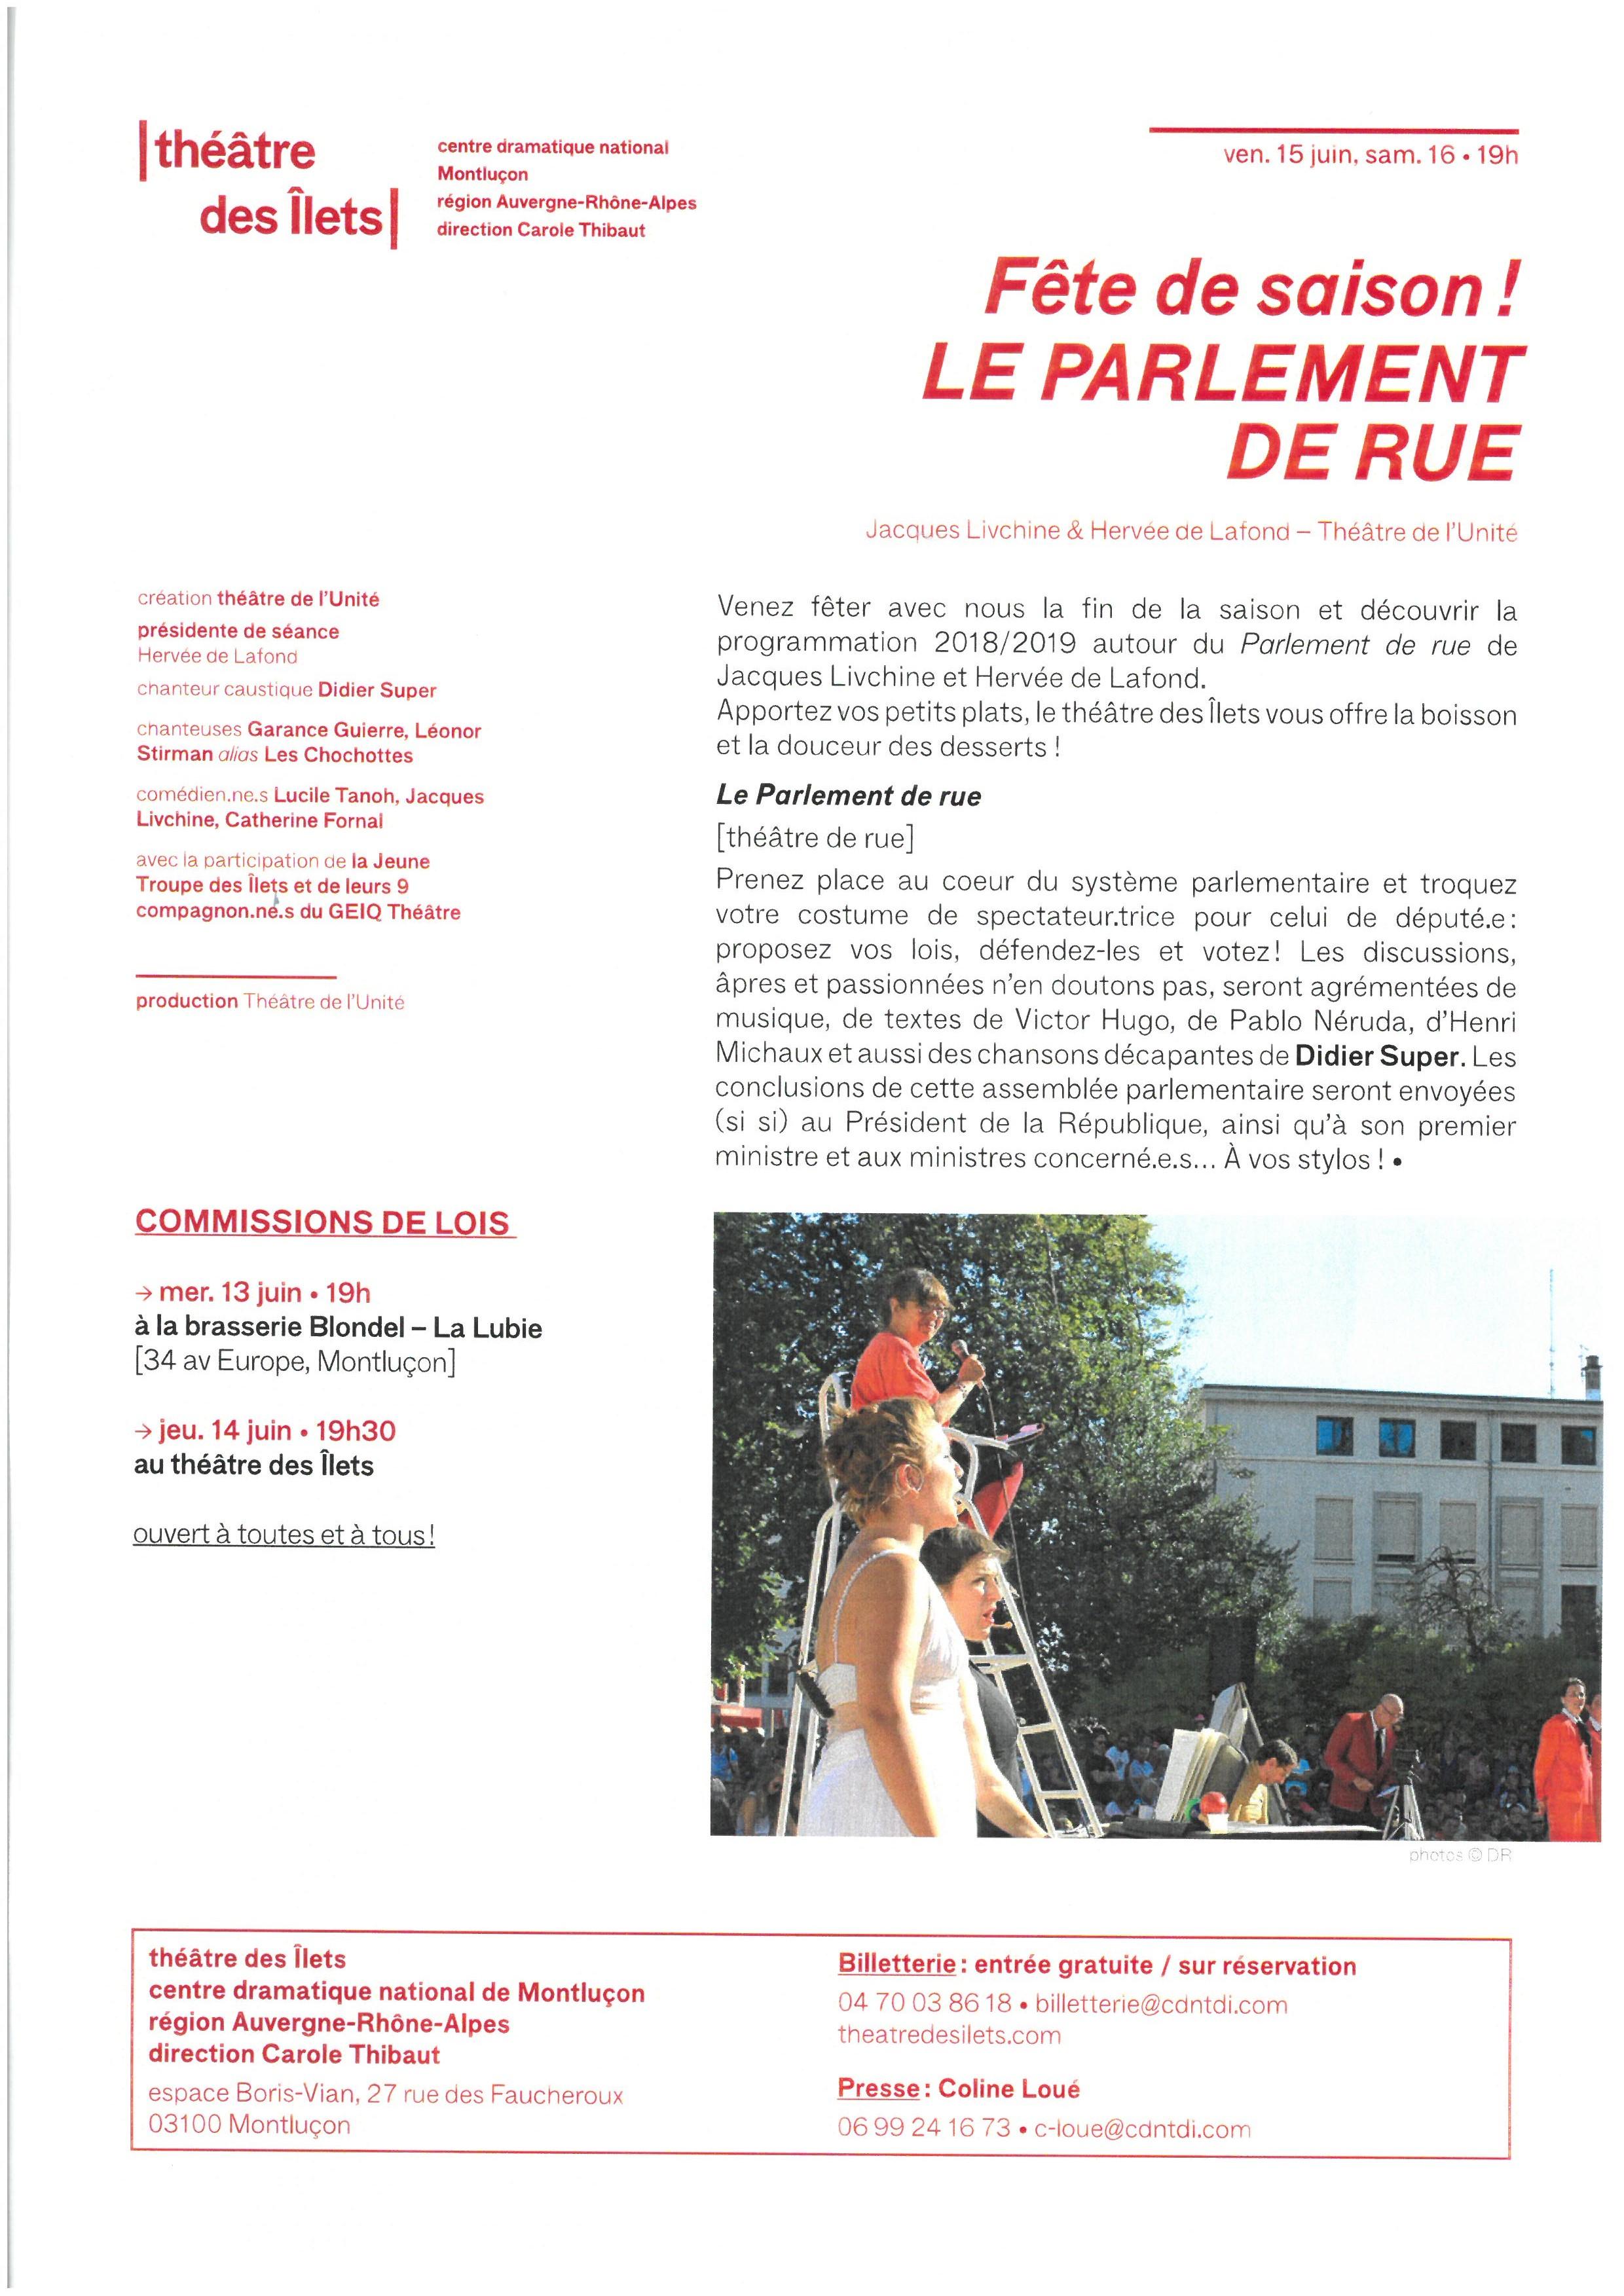 le parlement de rue